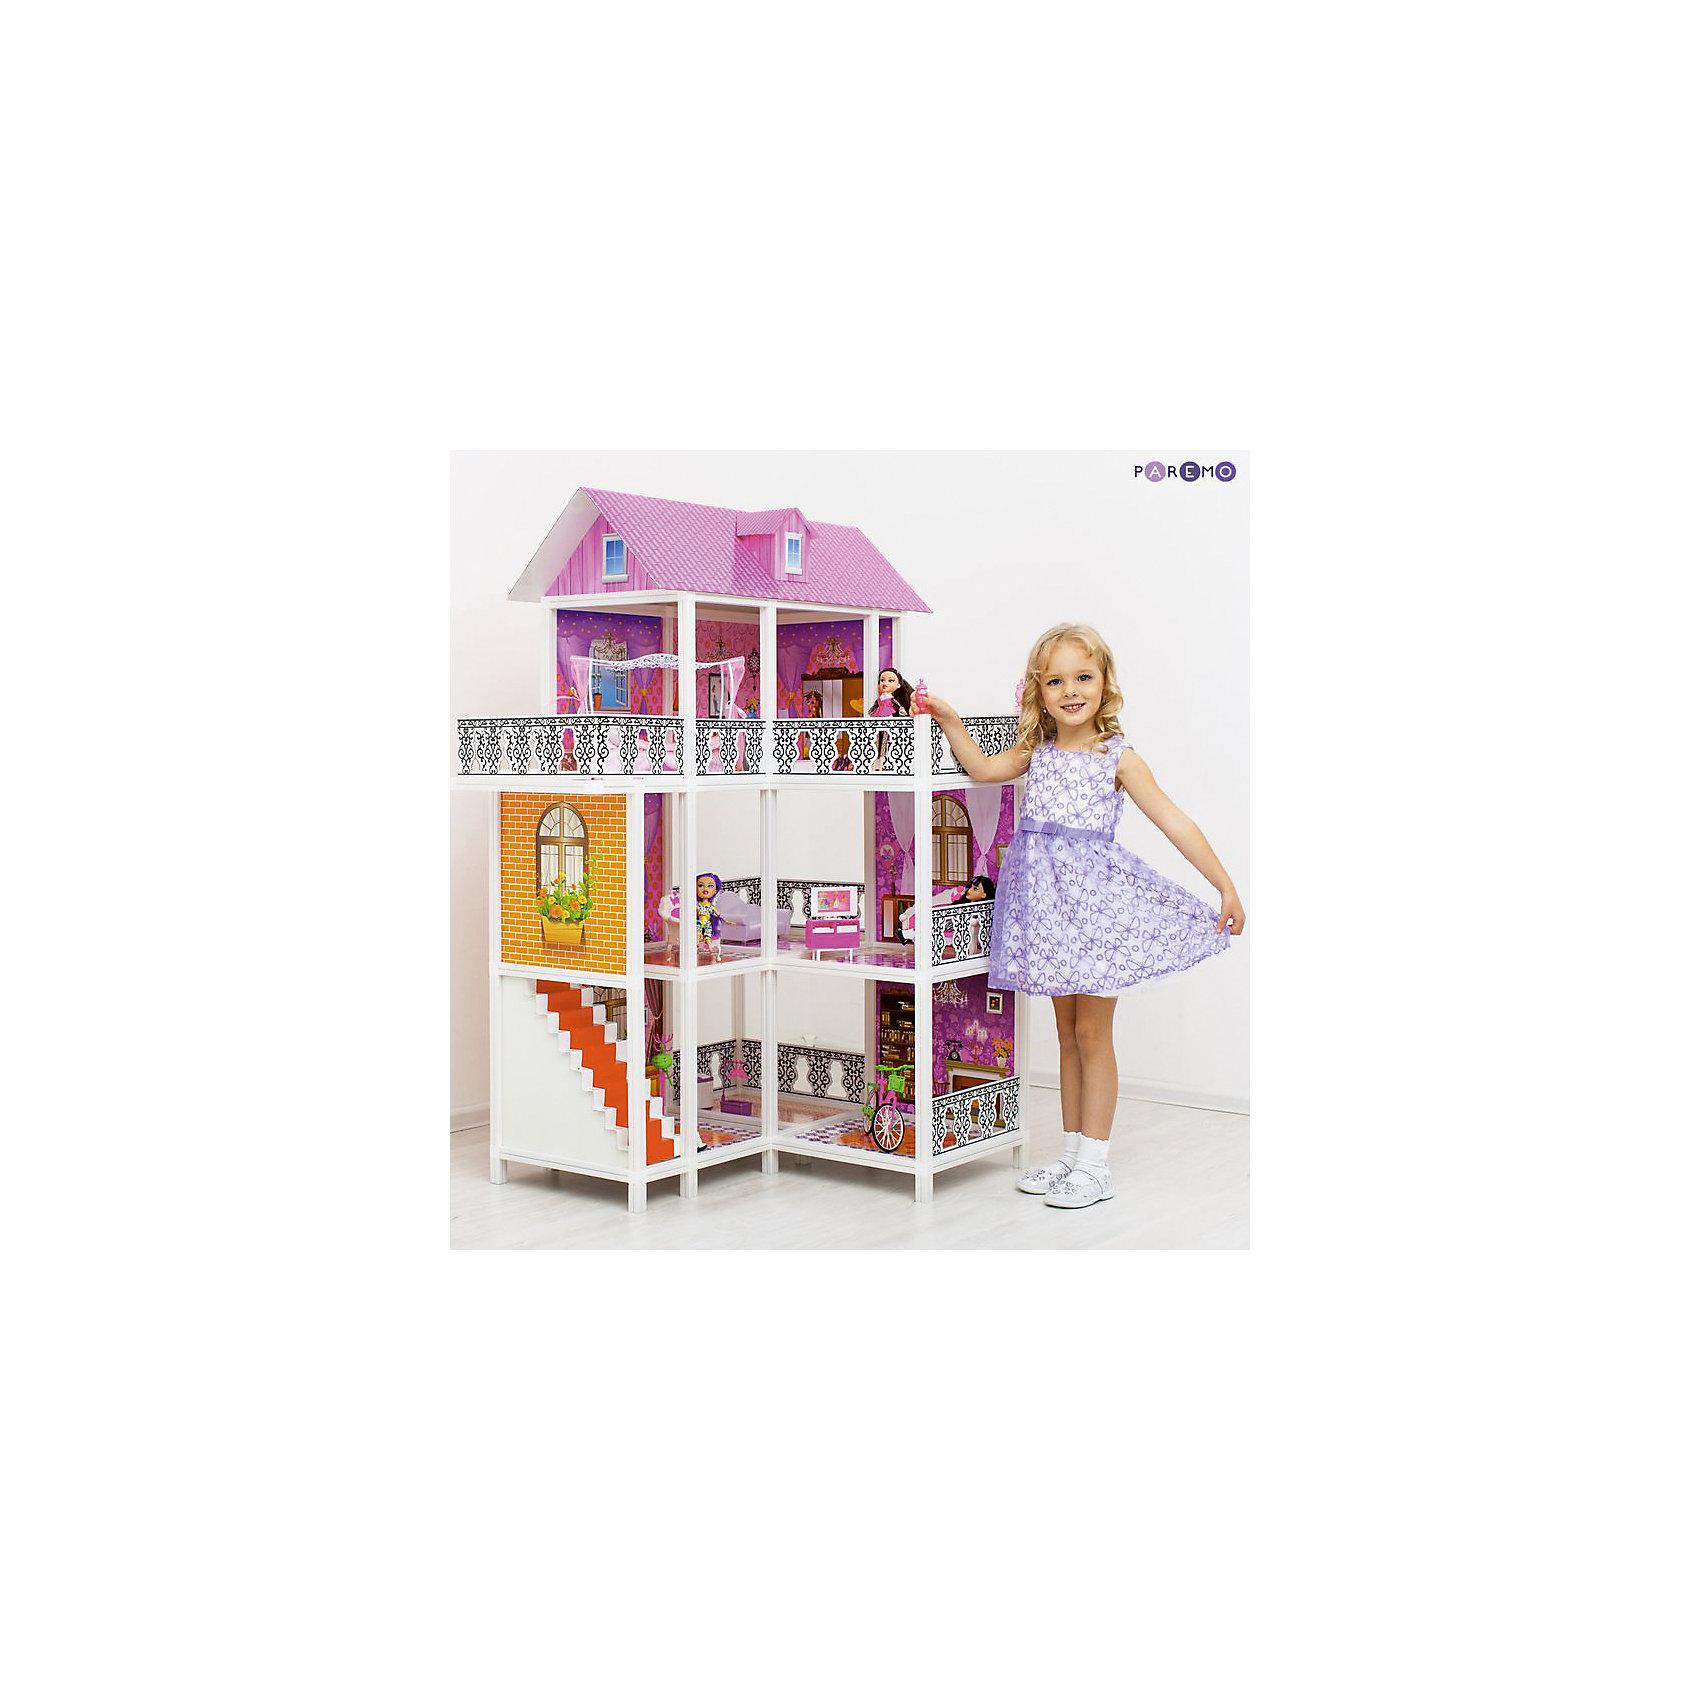 3-этажный кукольный дом (угловой, 6 комнат, мебель, 3 куклы, велосипед), PAREMOДомики и мебель<br>3-этажный кукольный дом (угловой, 6 комнат, мебель, 3 куклы, велосипед), PAREMO (Паремо).<br><br>Характеристики:<br><br>? Материал: пластик, картон.<br>? Дом частично открытый (задняя стенка глухая, лицевая часть полностью открыта).<br>? 3 этажа,6 просторных комнат, 2 балкона.<br>? Цвет: розовый, белый.<br>? Подходит для кукол высотой до 30 см. <br>? Конструкция продается в разобранном виде. Инструкция по сборке входит в комплект.<br>? Размер игрушки в собранном виде - 105х76х137 см.<br>? Размер упаковки - 95х16х36 см.<br>? Вес: 10кг.<br>В комплекте:<br>• 17 элементов мебели: тумба под телевизор, телевизор, видеомагнитофон, пульт от телевизора, большой обеденный стол, 3 стула, большая кровать с балдахином, стол для торшера, торшер, ванна, унитаз, стиральная машина, раковина с зеркалом, ведро, уборочная тележка;<br>• 3 куклы с аксессуарами;<br>• велосипед.<br><br>3-этажный кукольный дом (угловой, 6 комнат, мебель, 3 куклы, велосипед), PAREMO (Паремо) –это игрушка- мечта от российского производителя. Очаровательный дом предназначен для сюжетно-ролевых игр («Семья», «Дочки- матери» и т. п.) Домик выполнен в нежных бело-розовых тонах с ярко- розовой крышей, имитирующей черепичную кладку. Внутренний декор поддерживает цветовое решение. Стены, пол, потолок декорированы под различные типы покрытий - плитка, обои, ковролин. В доме 3 этажа, 6 просторных комнат. Юная леди, проявив фантазию, самостоятельно может расположить комнаты по своему вкусу. Игры с таким домиком помогают развить в девочке фантазию, творческие способности, поможет ребенку почувствовать себя взрослой и самостоятельной. Материалы, из которых изготовлен домик, полностью соответствуют российским стандартам безопасности. Ваша малышка будет счастлива, получить в подарок славный нарядный домик для своих любимых кукол!<br><br>3-этажный кукольный дом (угловой, 6 комнат, мебель, 3 куклы, велосипед), PAREMO, можно купи